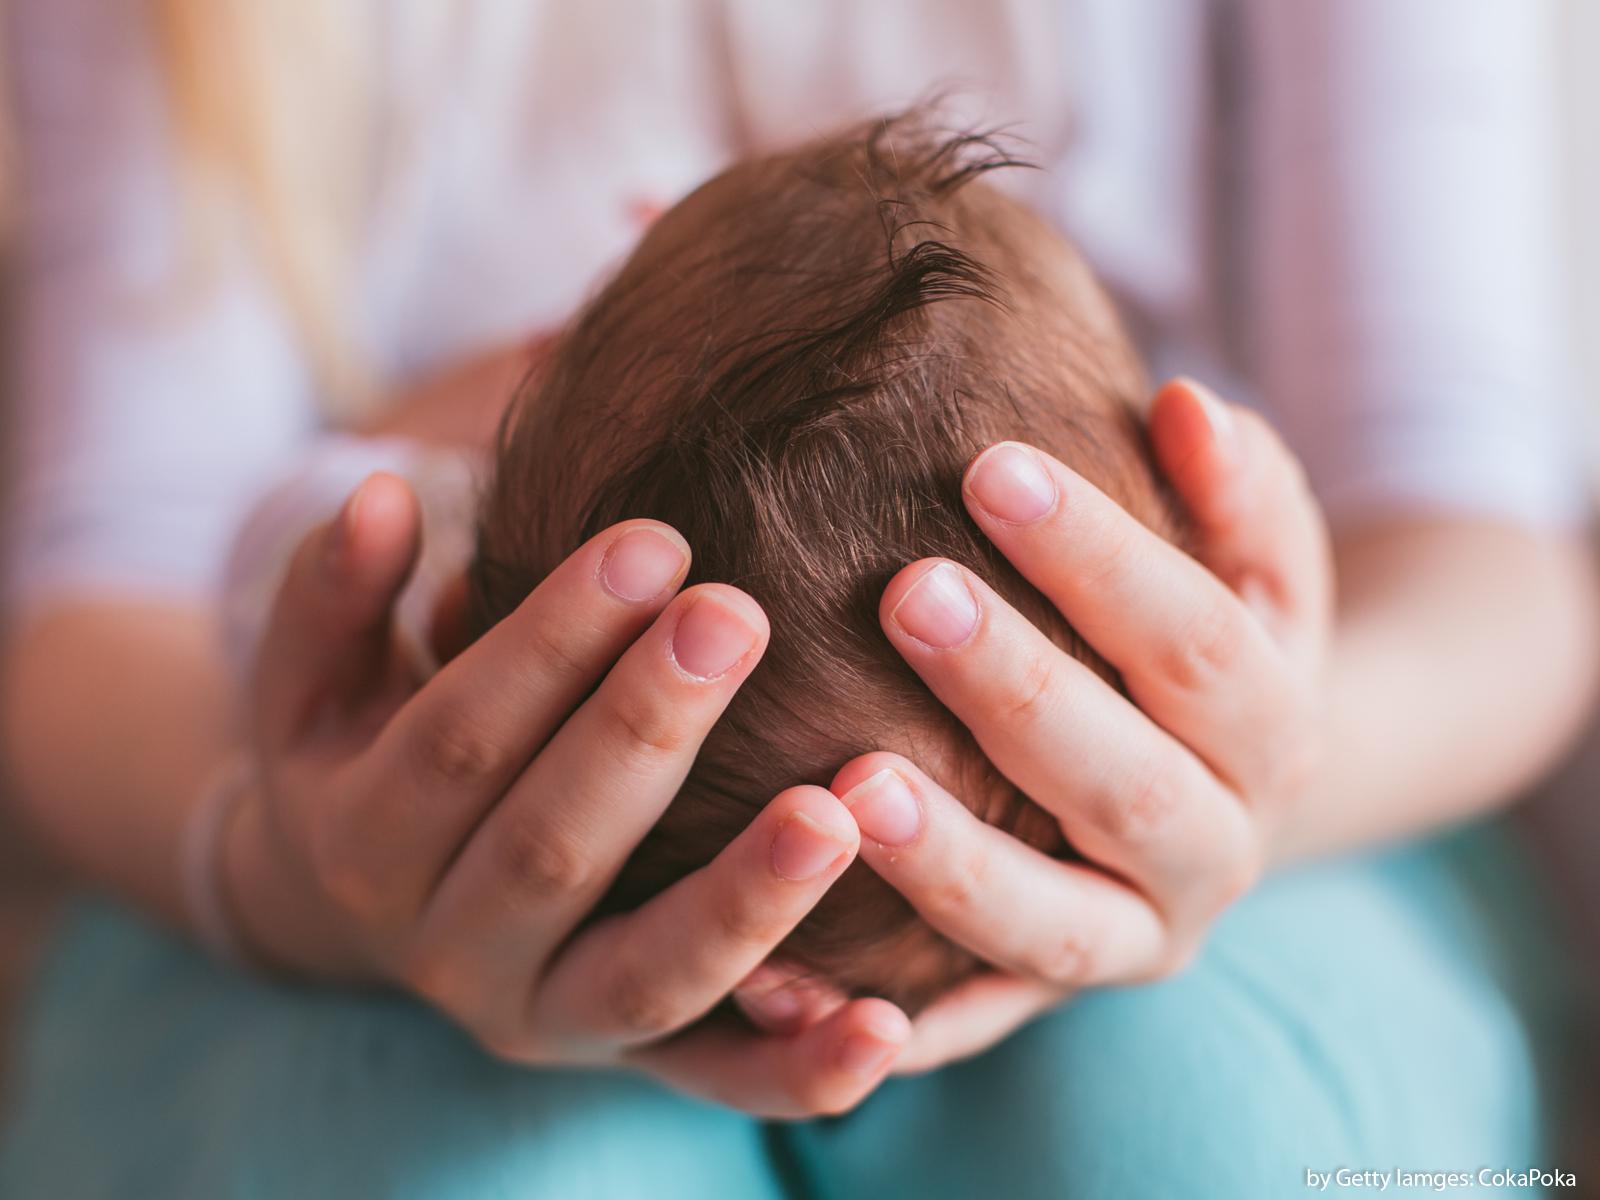 Mãe e filhos: da maternidade biológica à maternidade espiritual